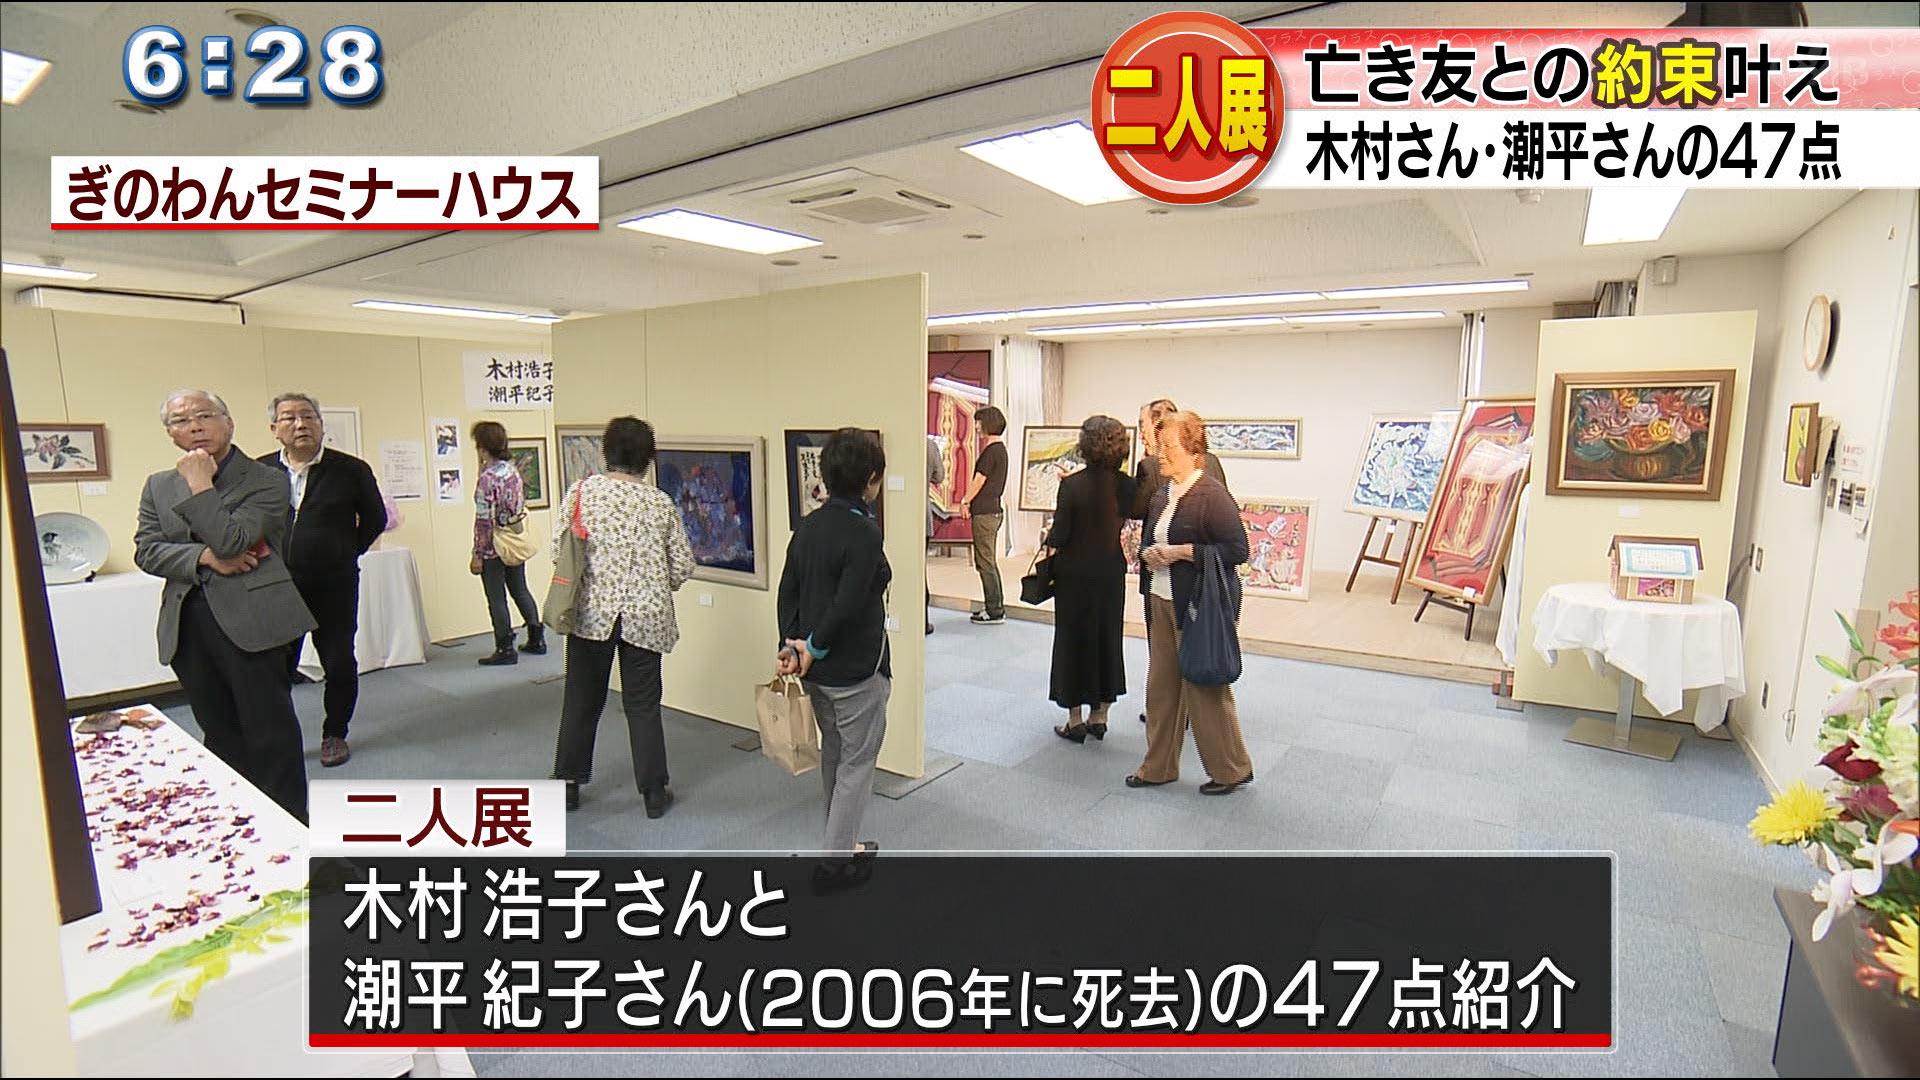 木村浩子さんと潮平紀子さんの二人展開催